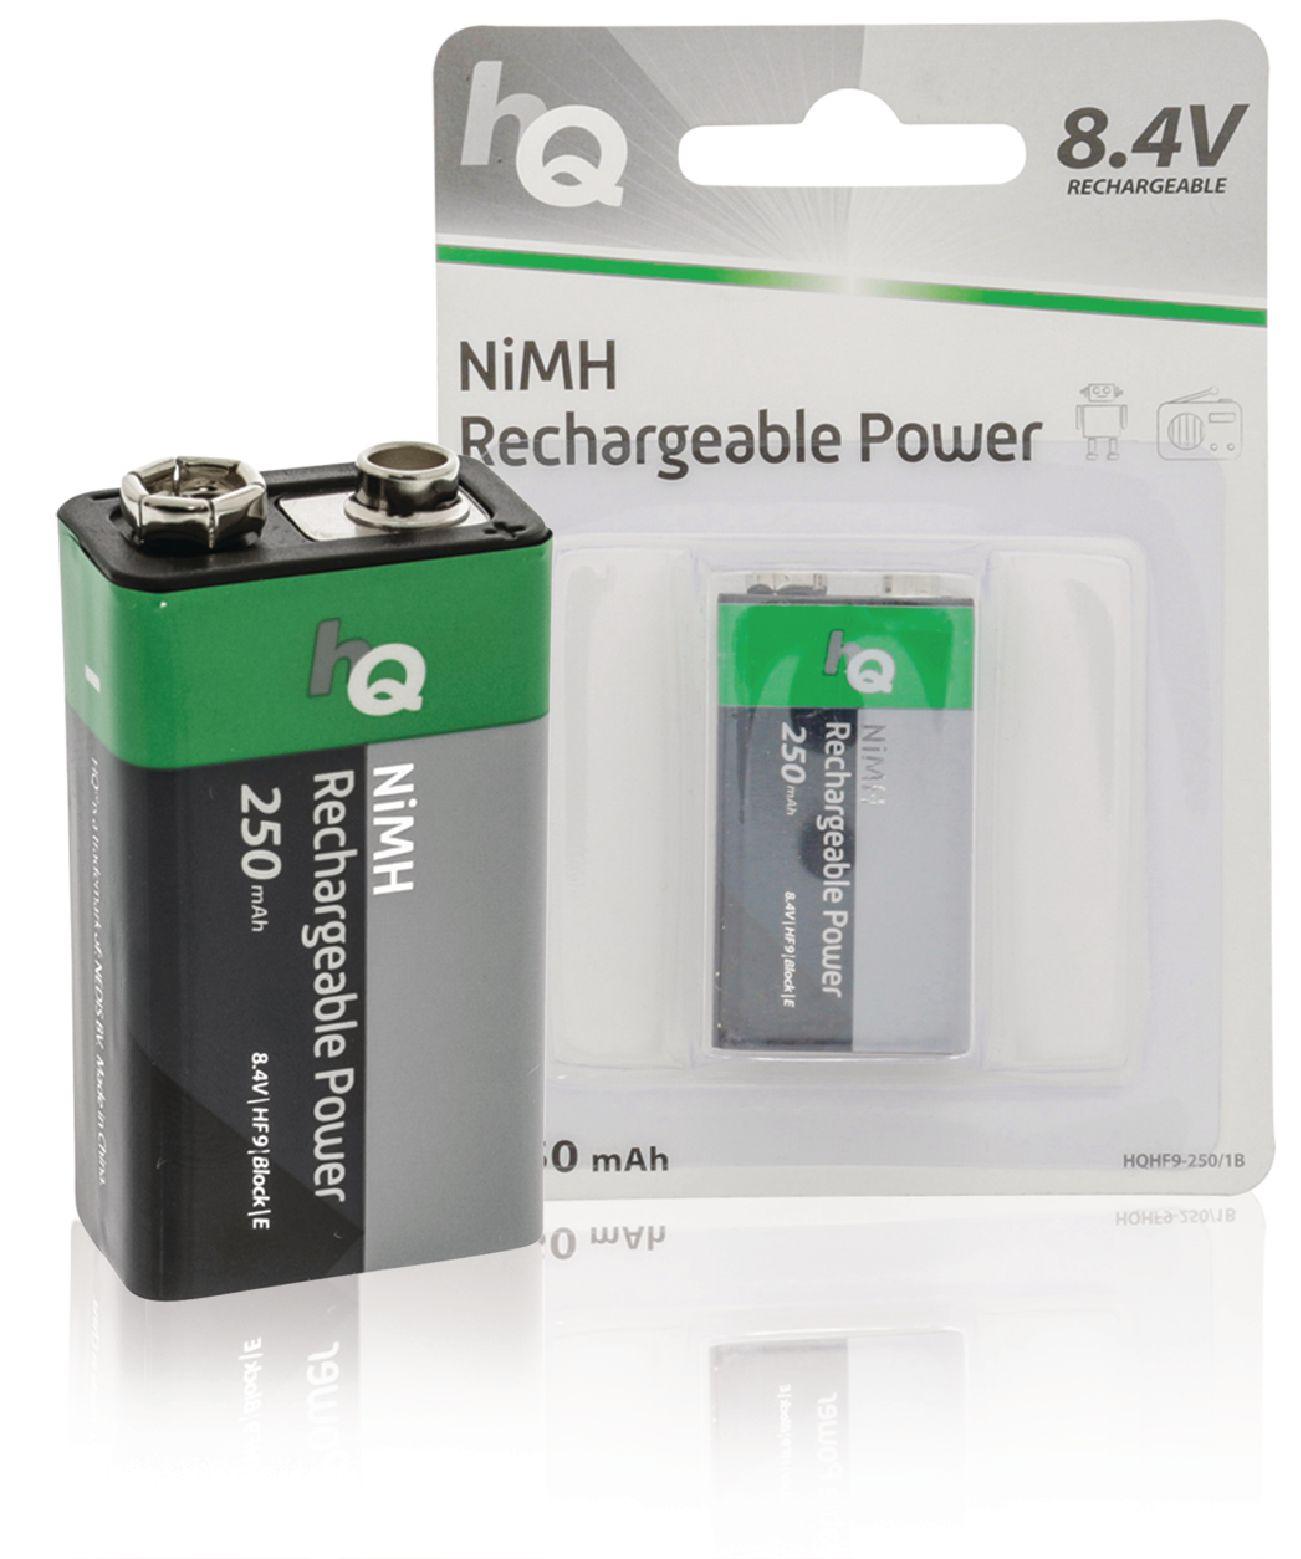 Nabíjecí baterie HQ NiMH E-Block 8.4 V 250 mAh 1ks, HQHF9-250/1B